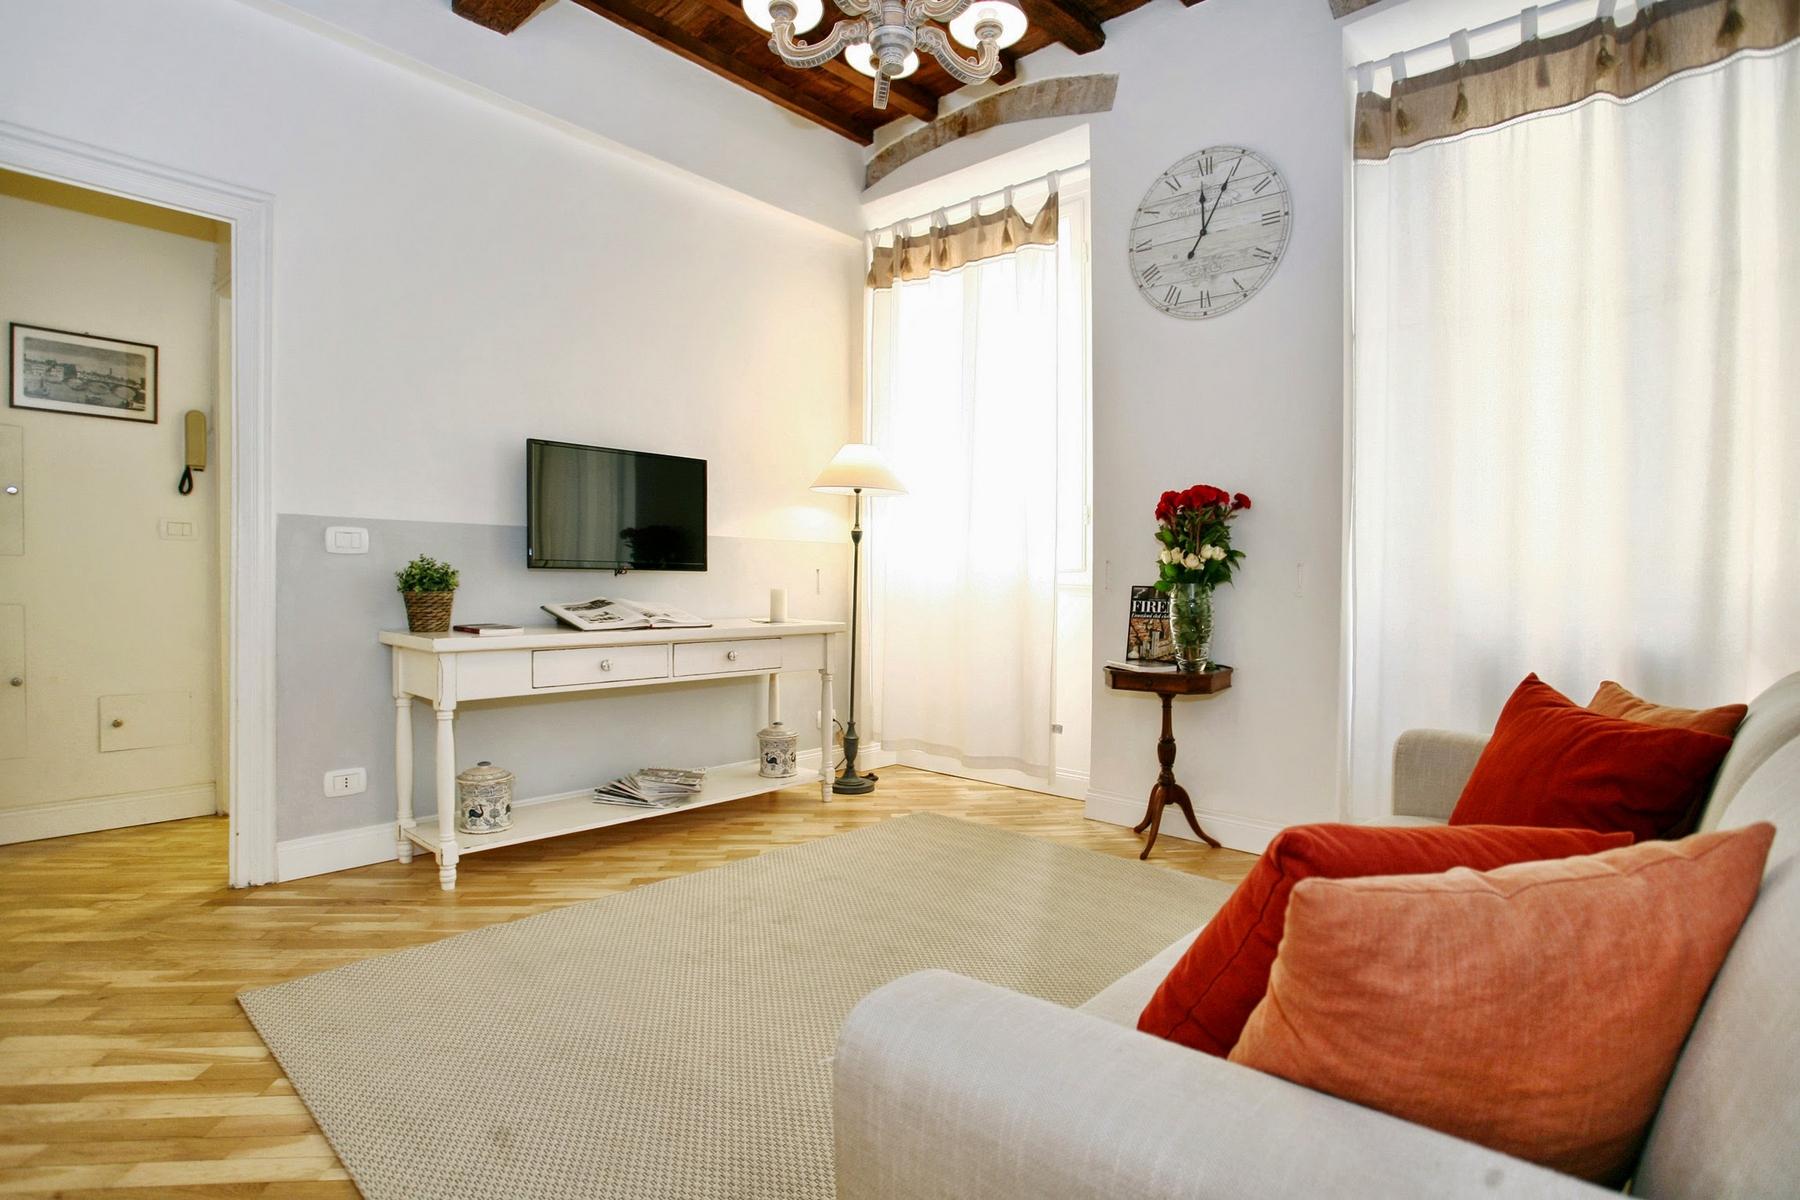 Appartamento in Vendita a Firenze: 4 locali, 85 mq